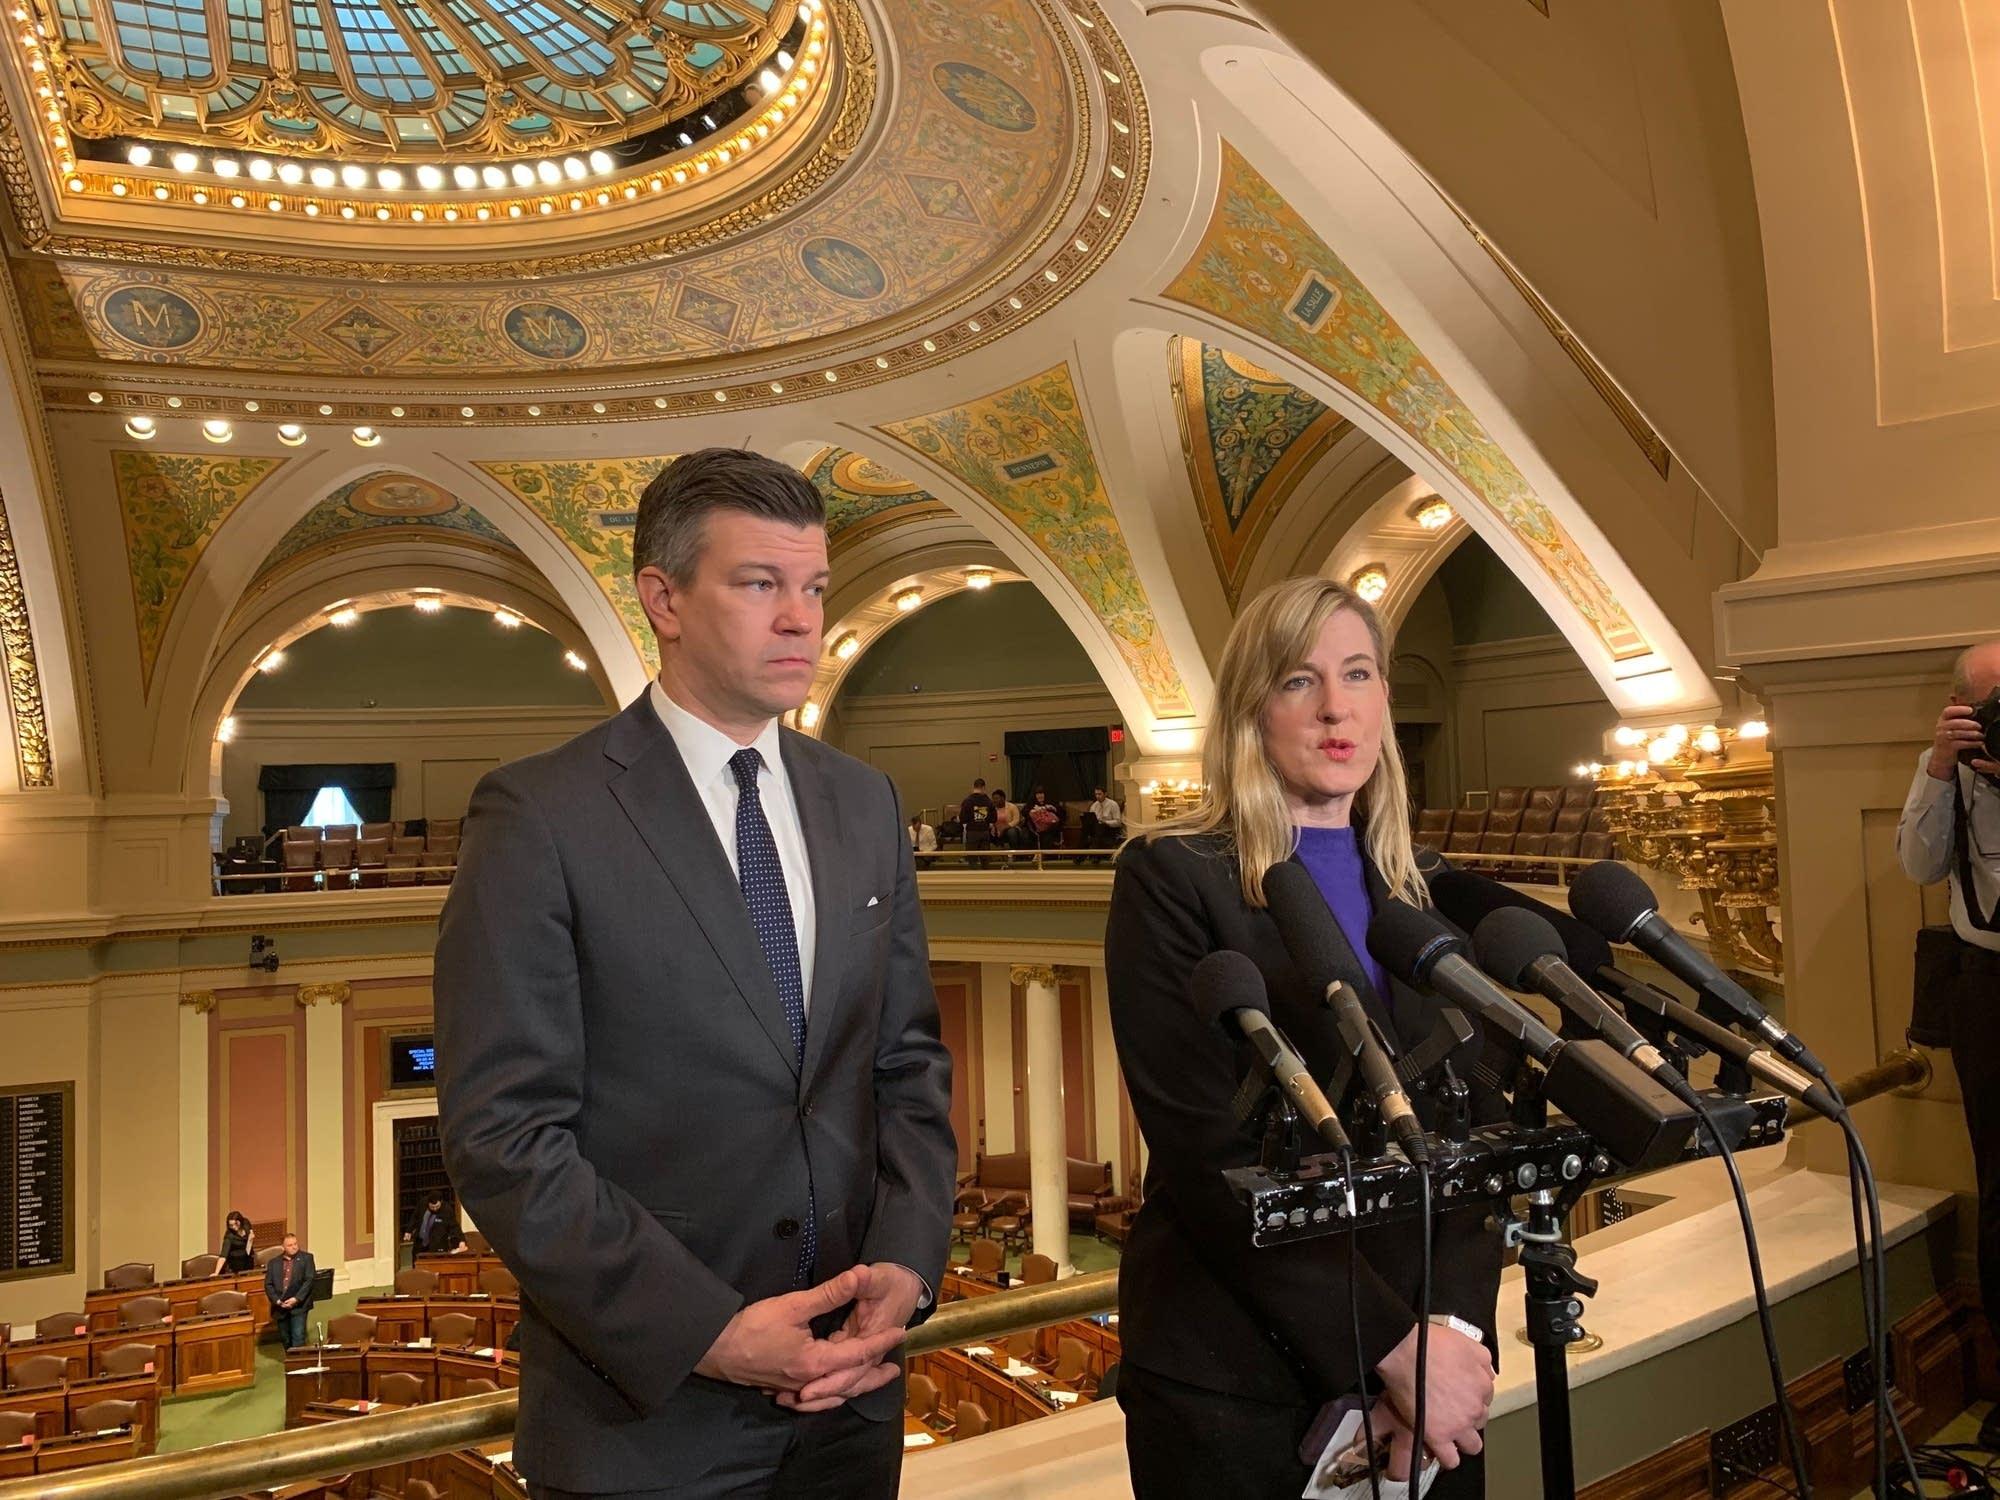 DFL House Majority Leader Ryan Winkler and House Speaker Melissa Hortman